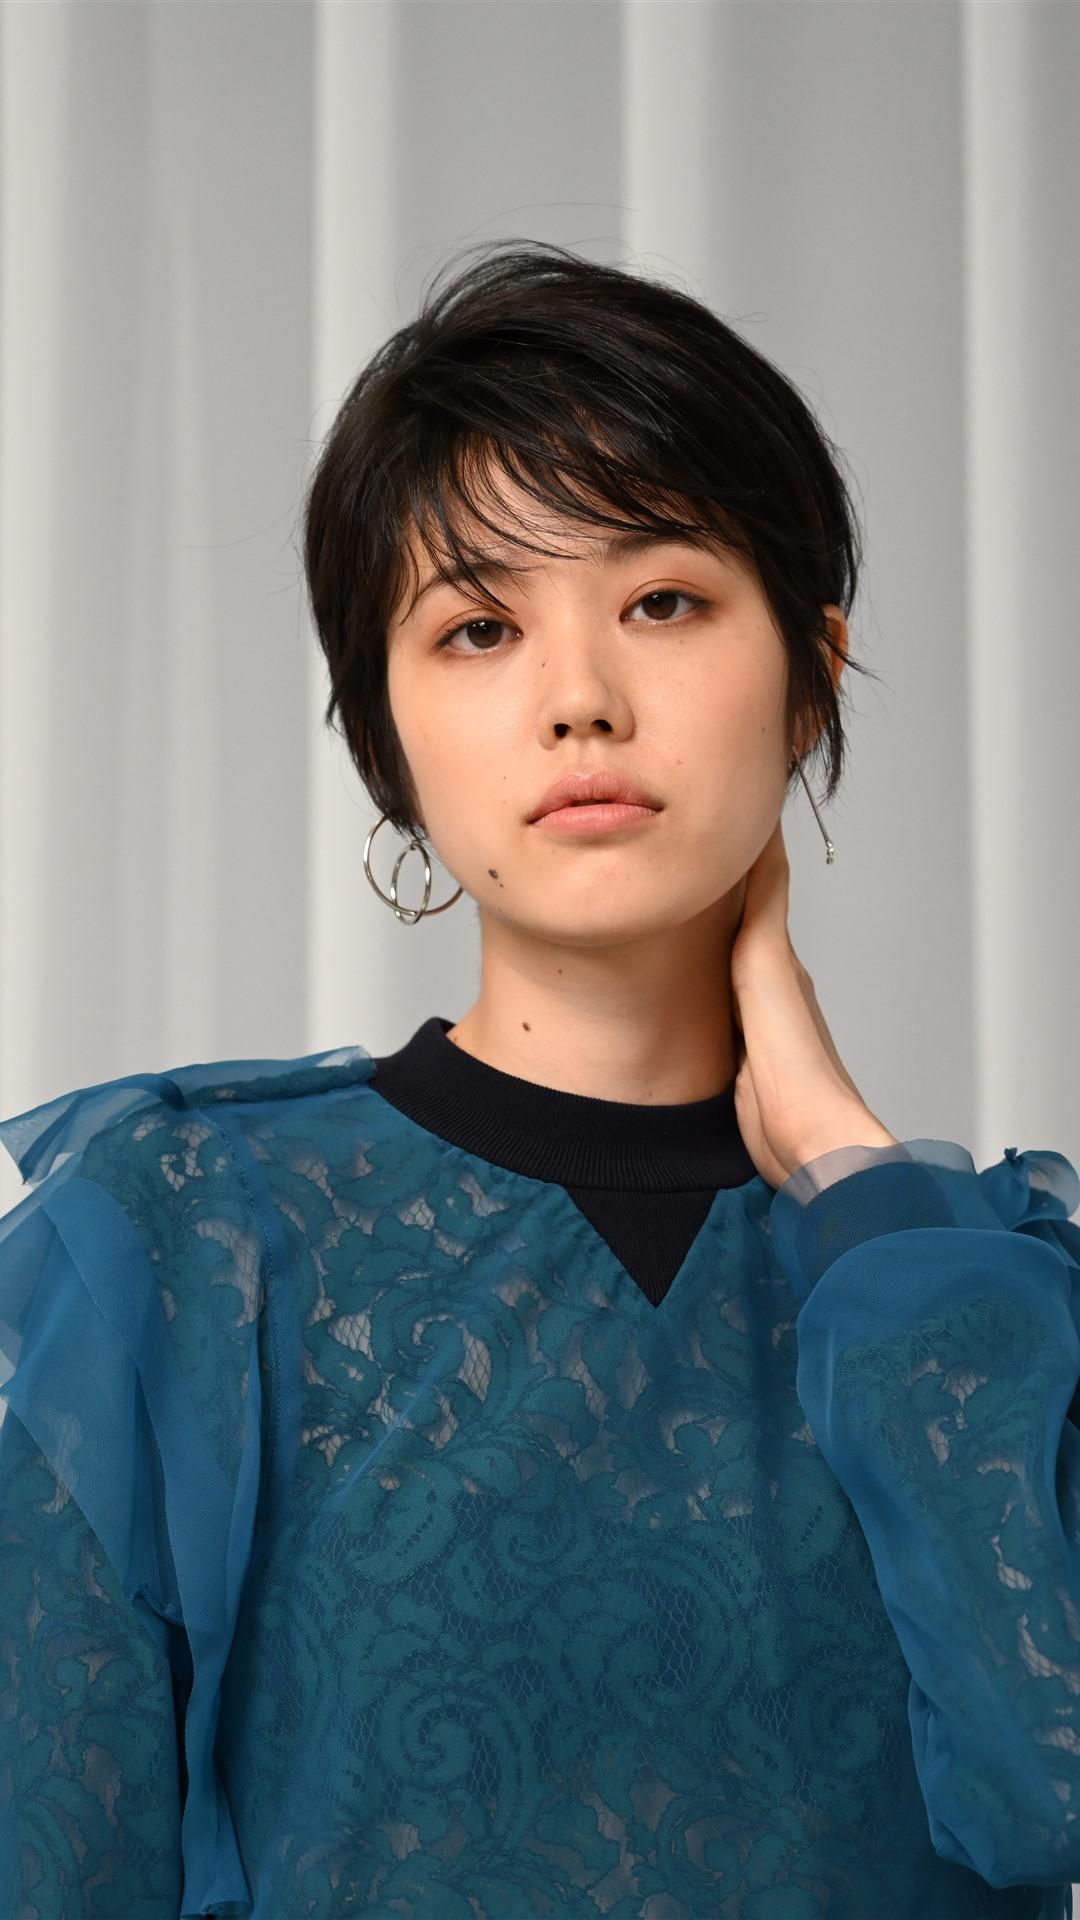 Asian girl iphone-4515